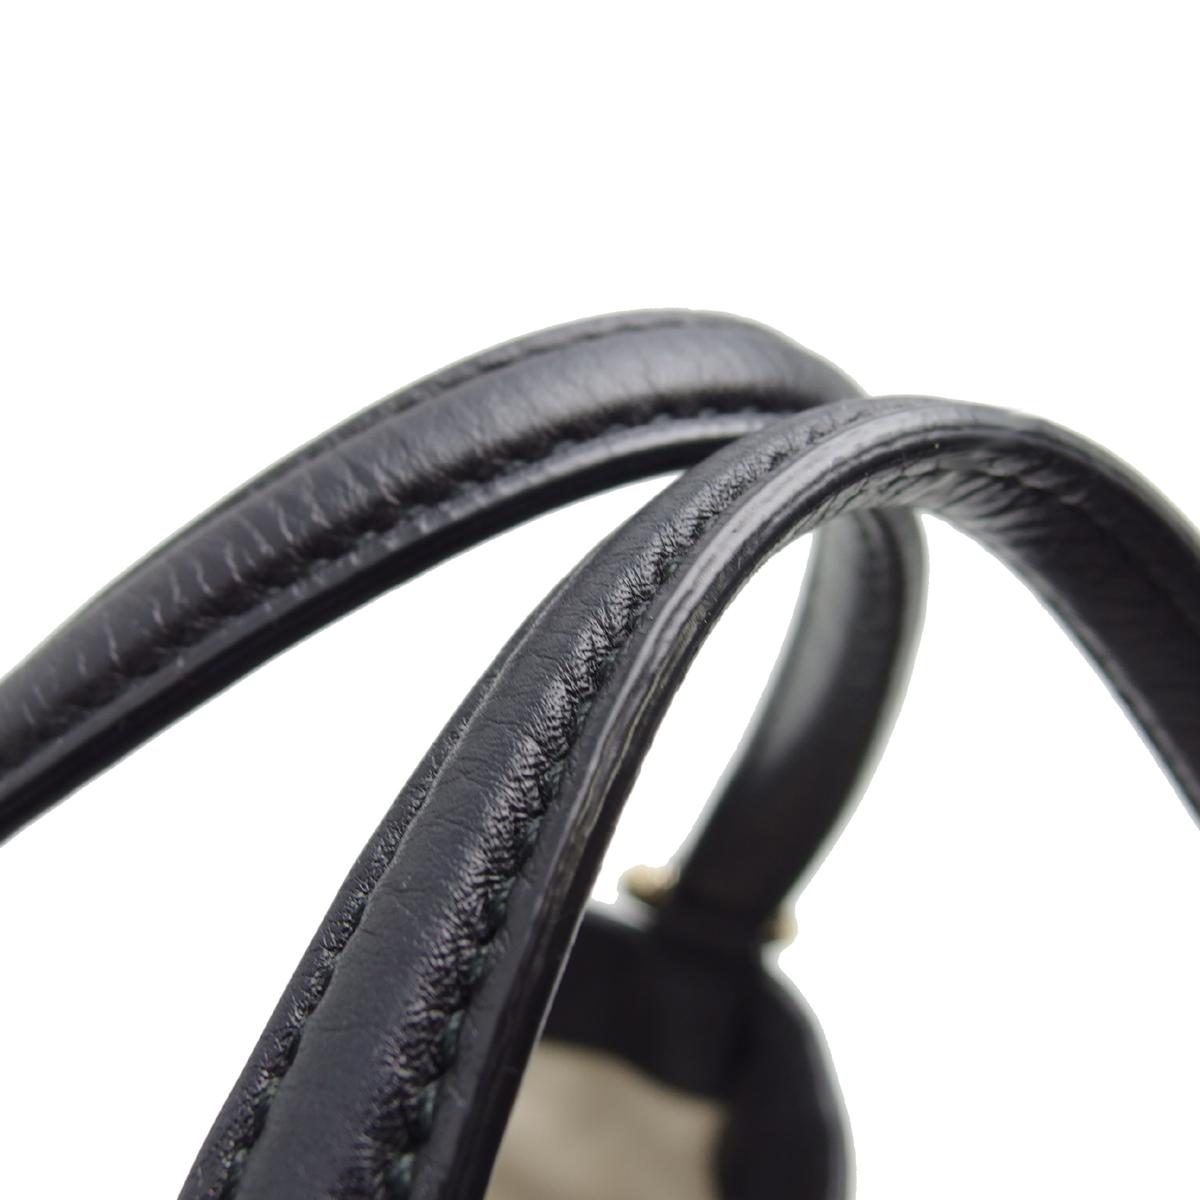 GUCCI グッチ ソーホー 2Wayバッグ 336751 ハンド 手持ち ショルダー 肩掛け レザー ブラック 黒 大黒屋質店出品vN8wOy0mPn